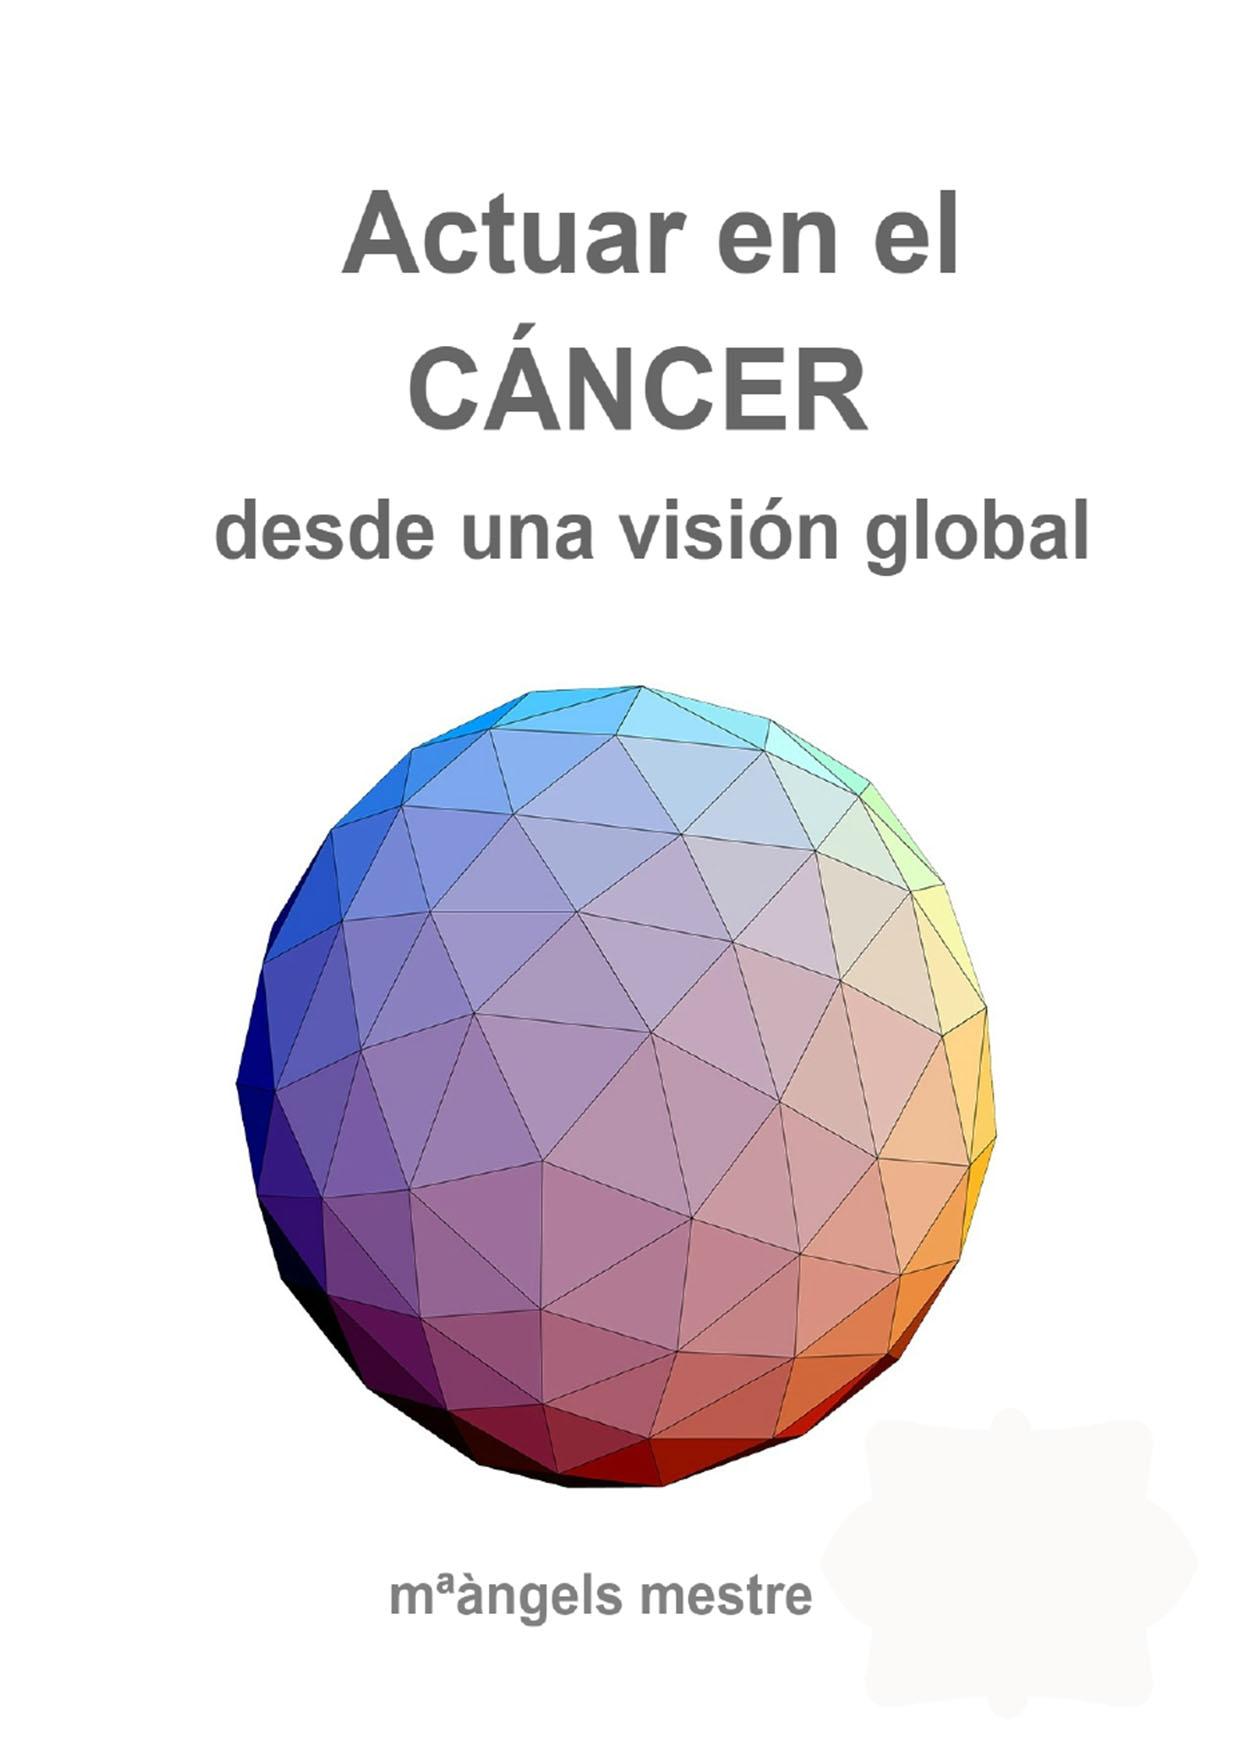 Actuar en el Cáncer desde una visión global